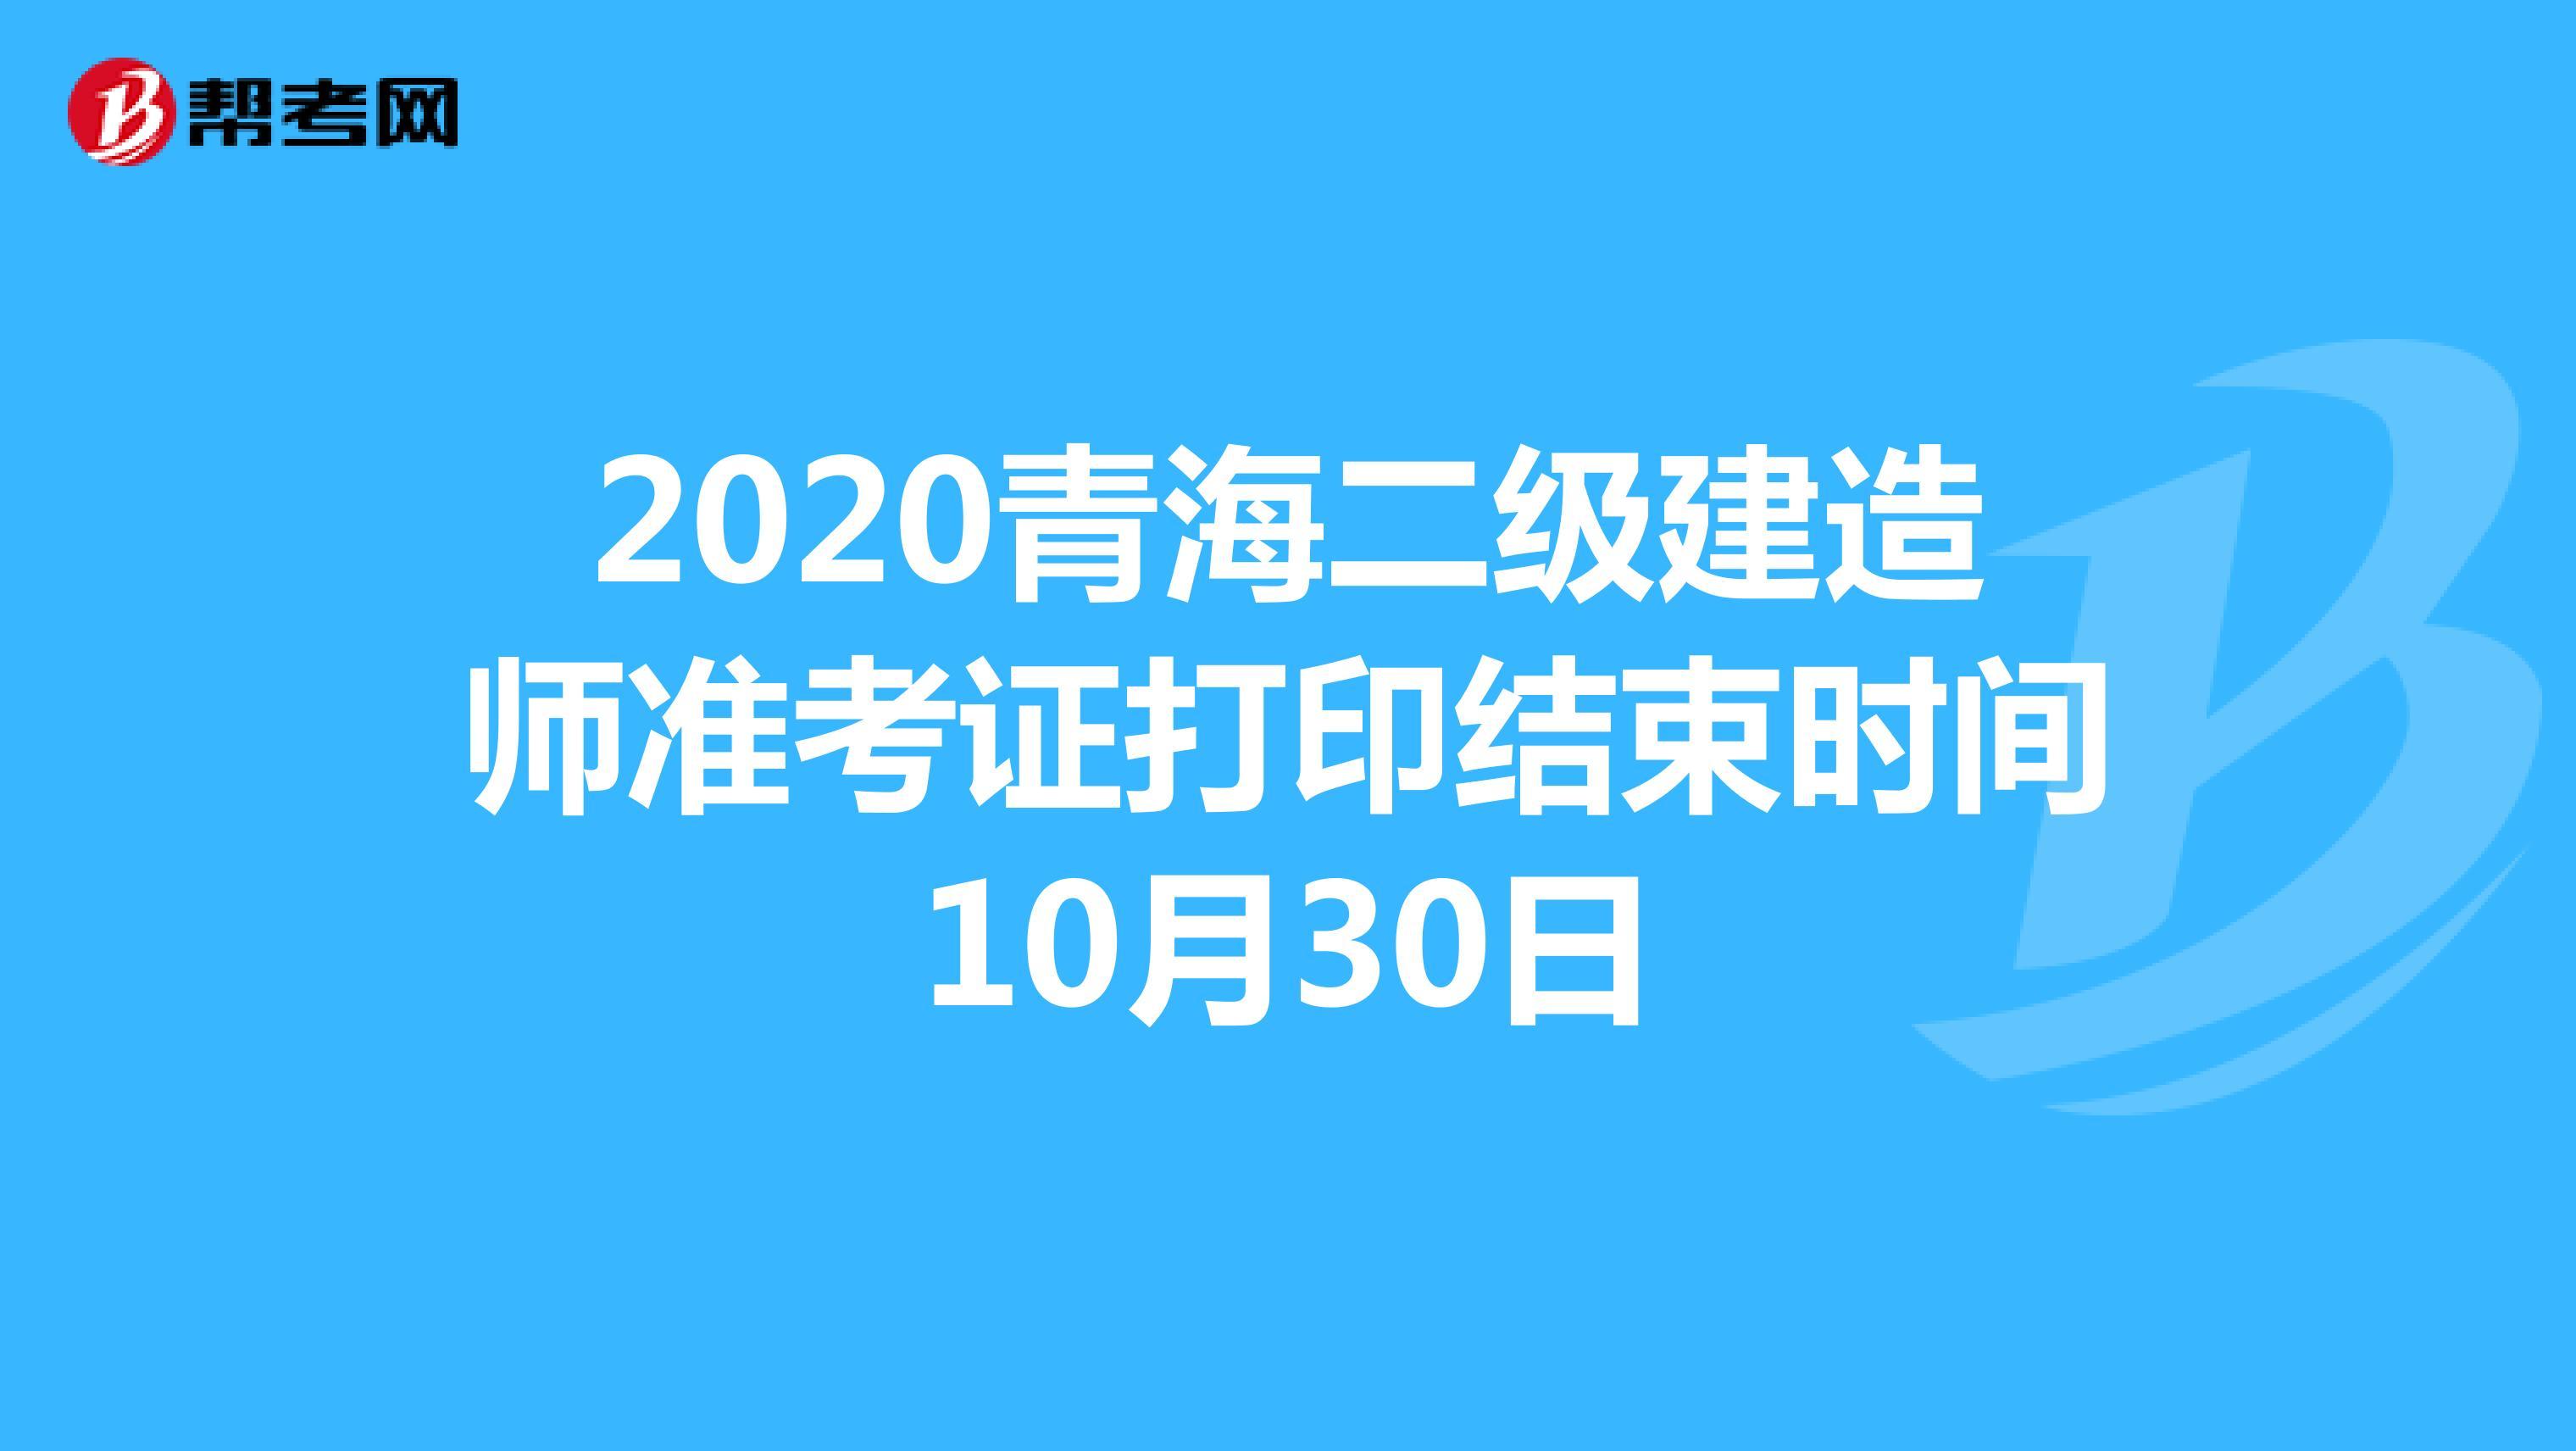 2020青海(hot88体育官网)二级建造师准考证打印结束时间10月30日